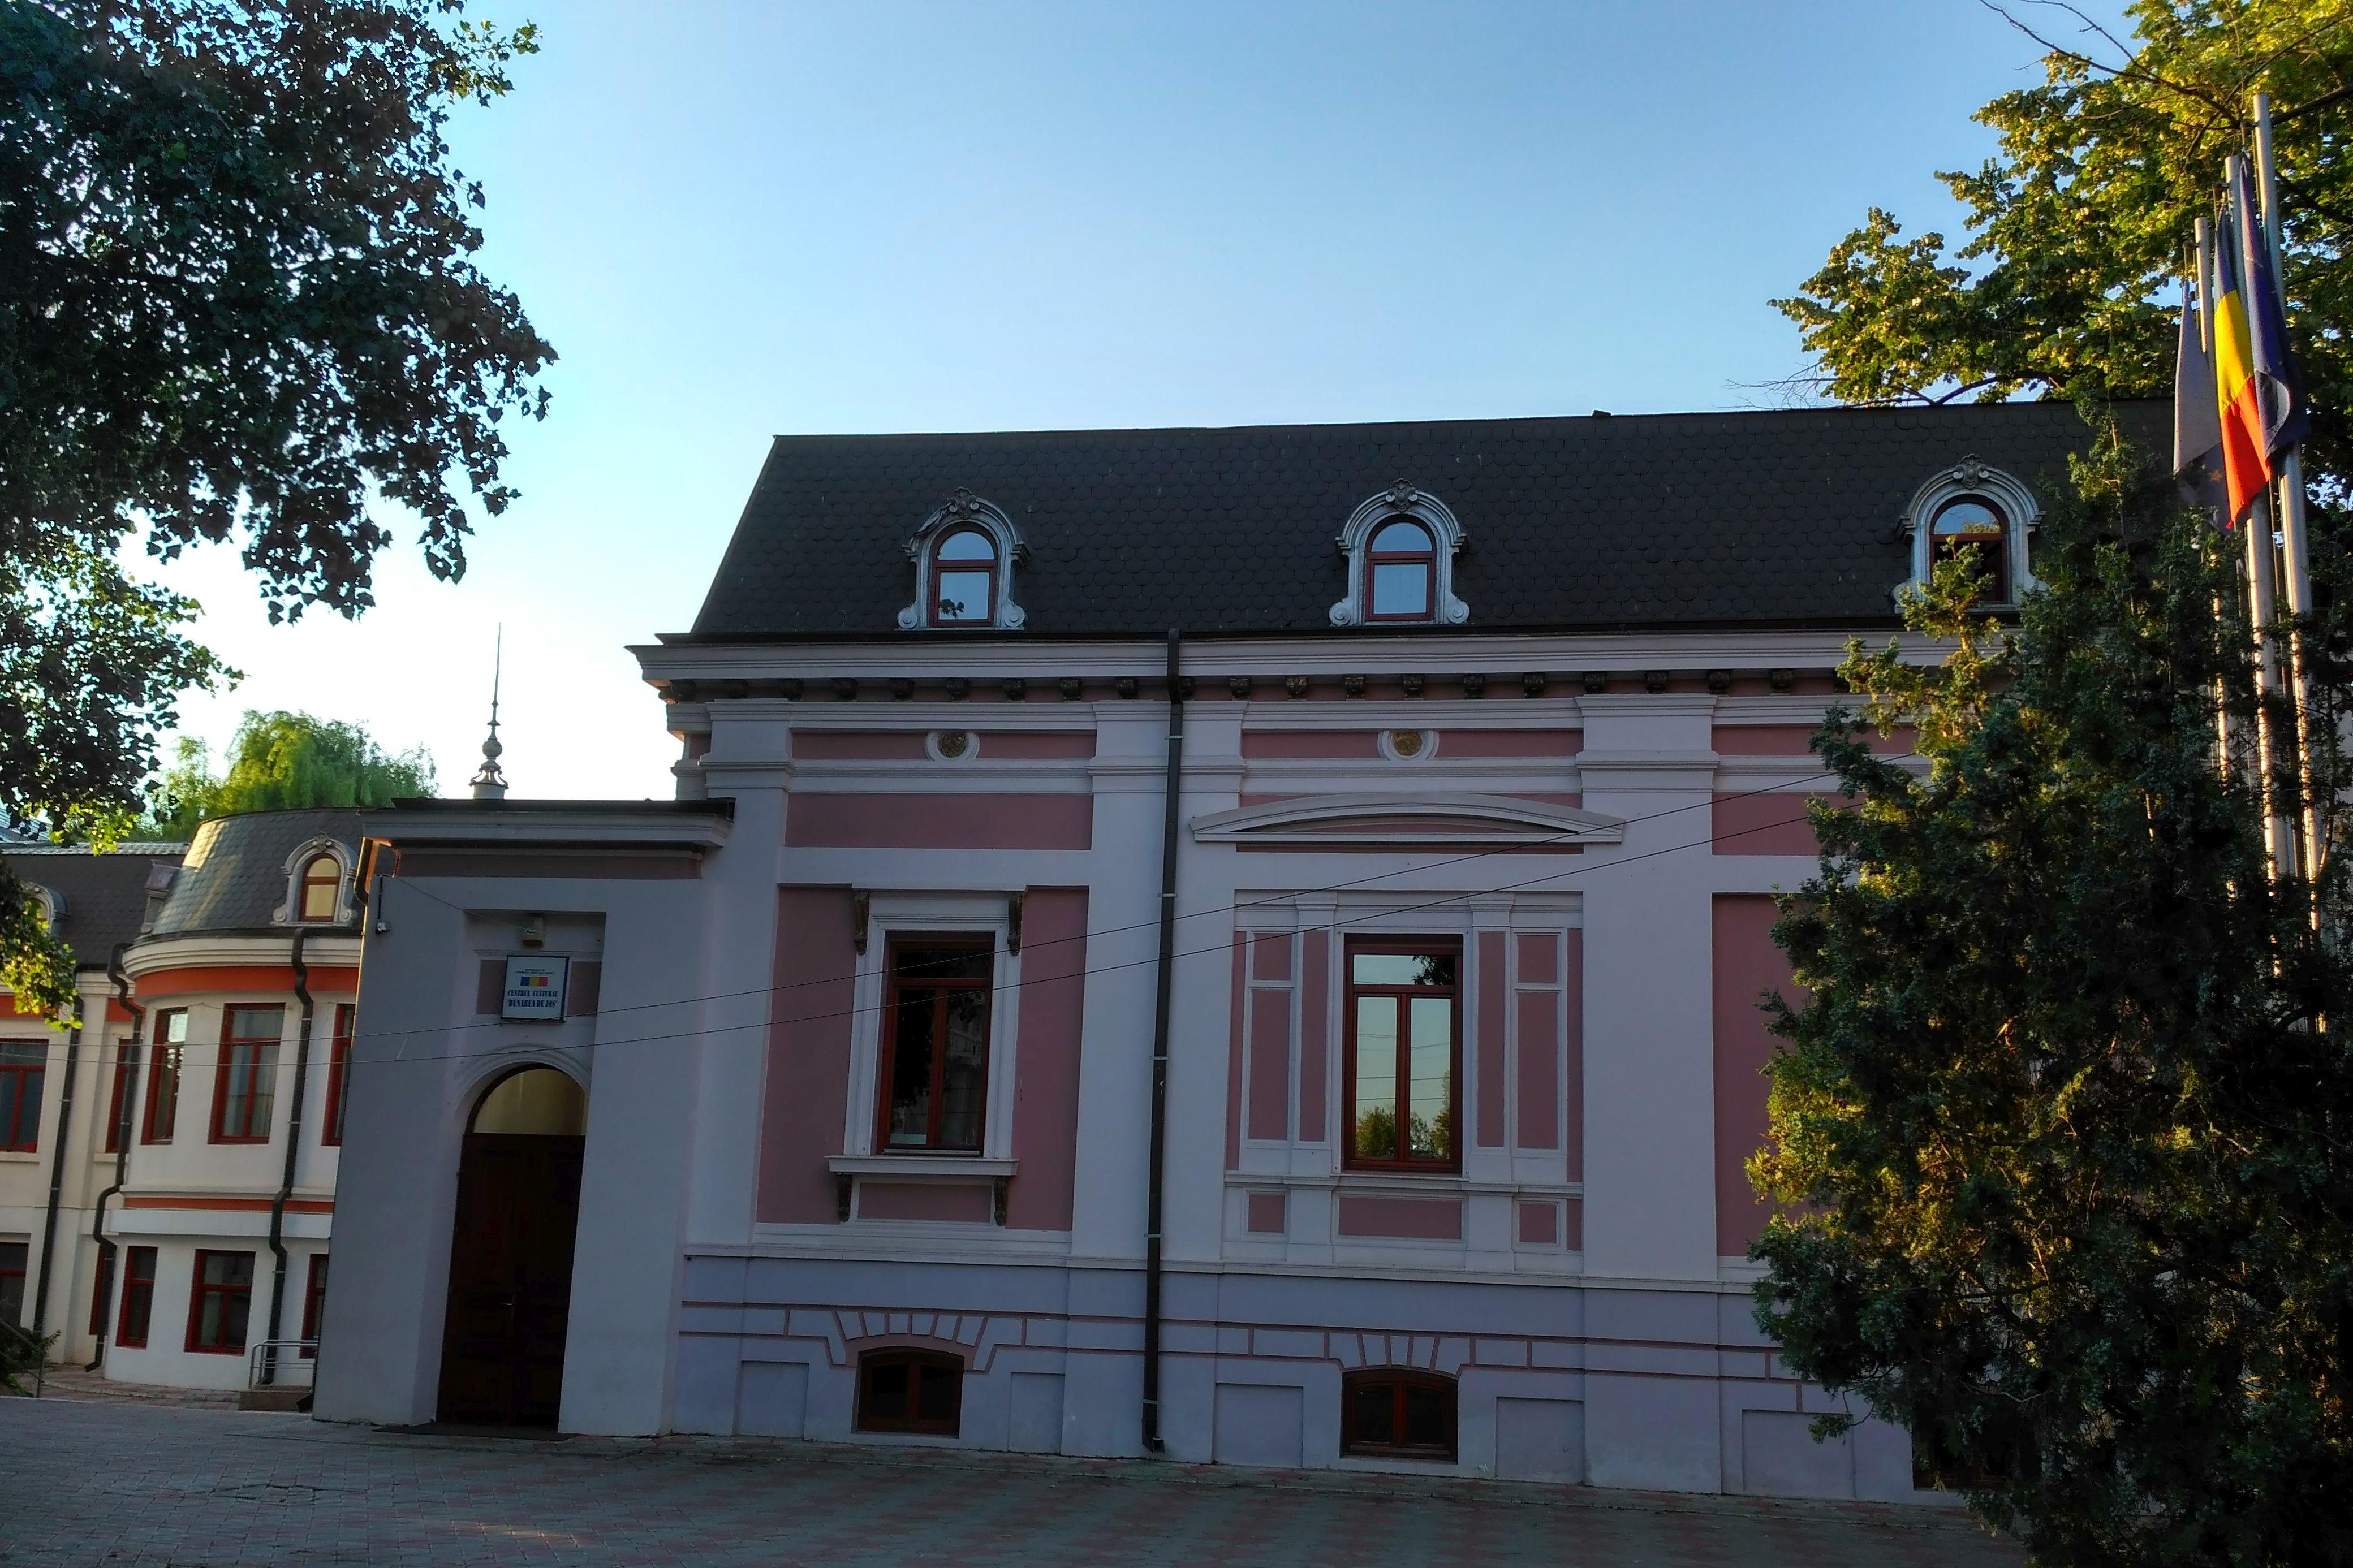 Galaţi: După cinci ani de procese, Casa Gheorghiade, una dintre cele mai frumoase clădiri de pe strada Domnească, rămâne proprietatea oraşului 4